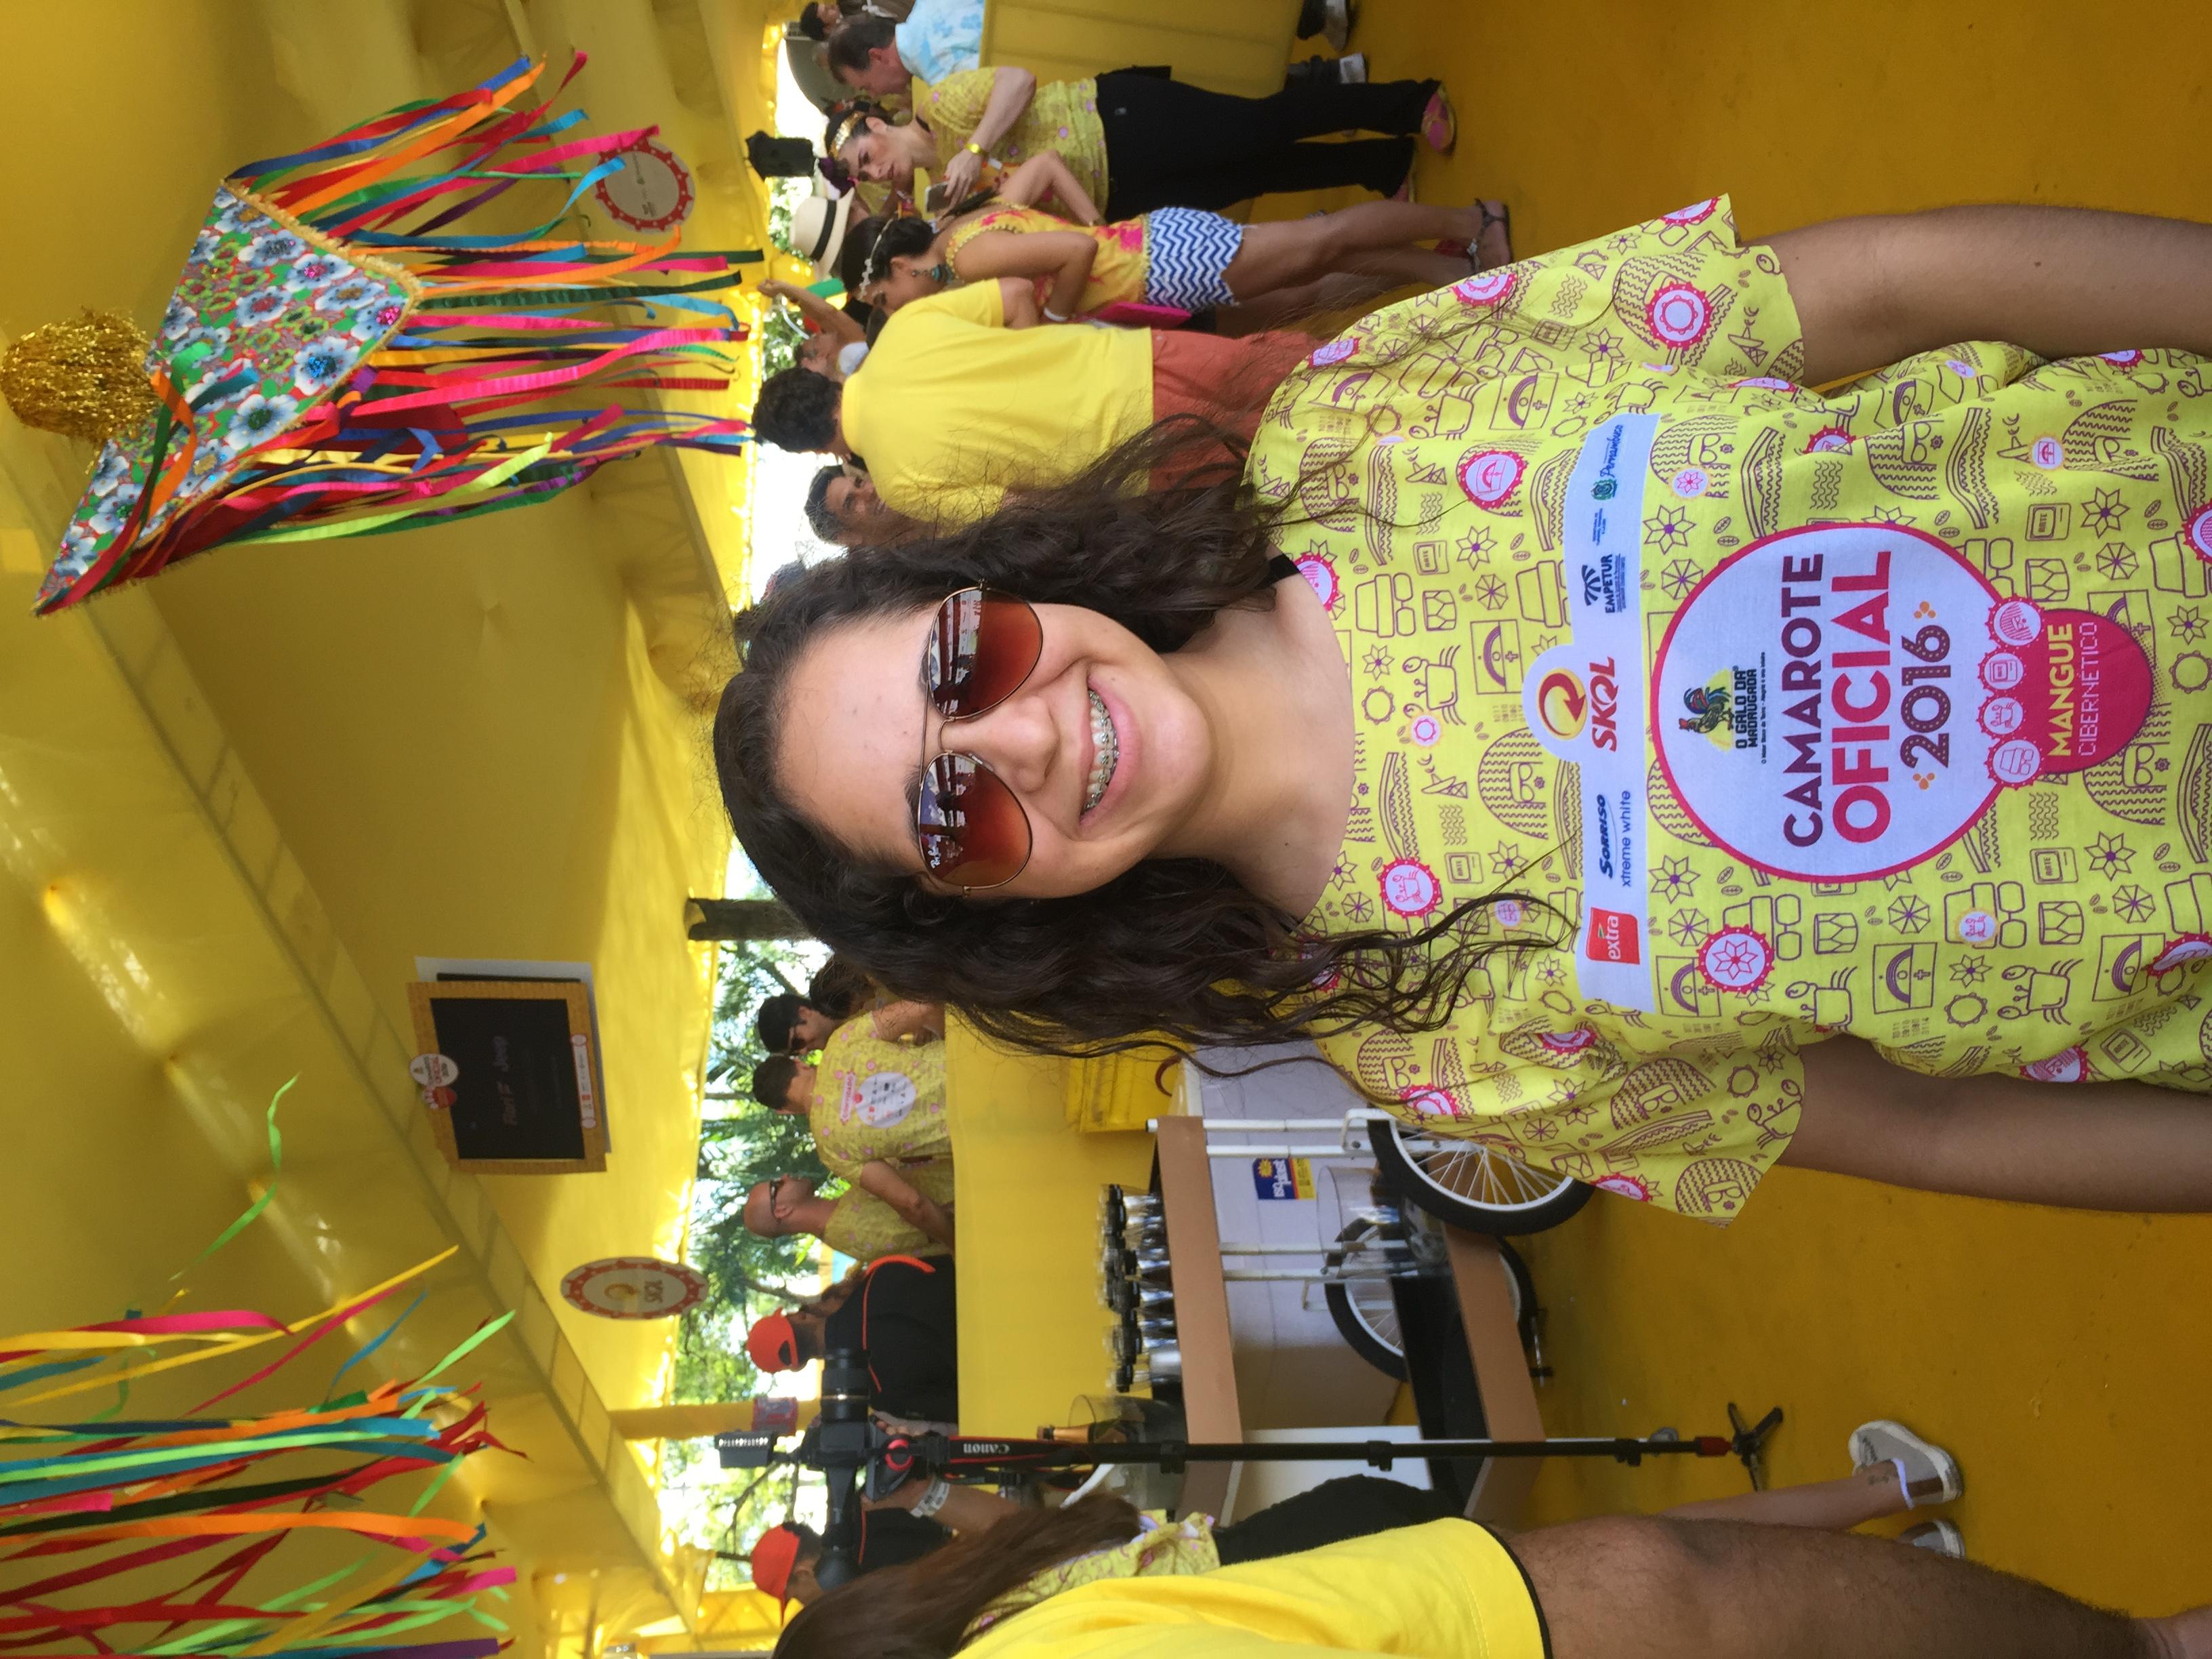 Natalia Navaez, filha da embaixadora dos Estados Unidos/JAMS